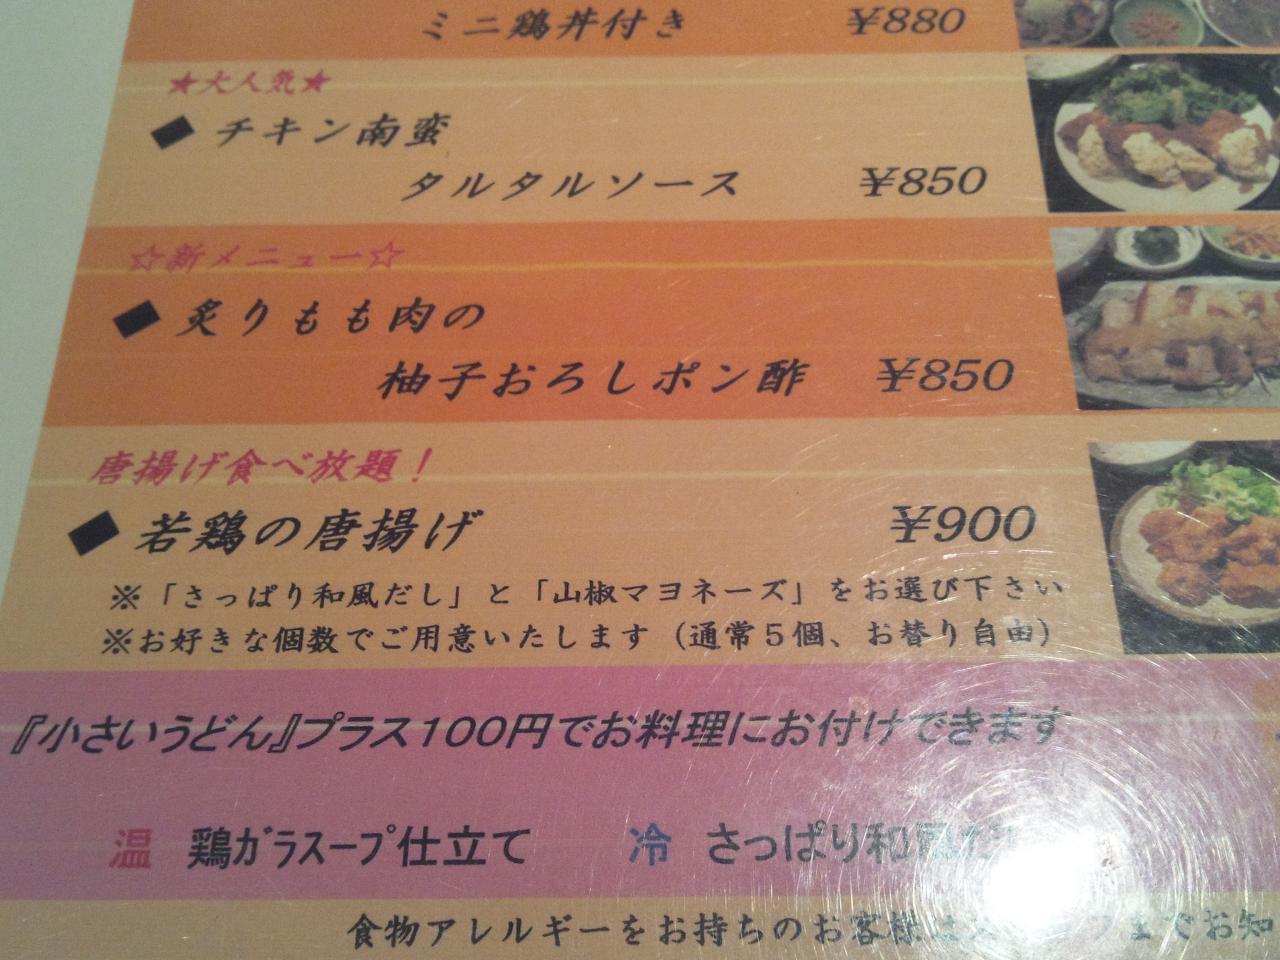 鳥どり虎ノ門店(ランチメニュー)